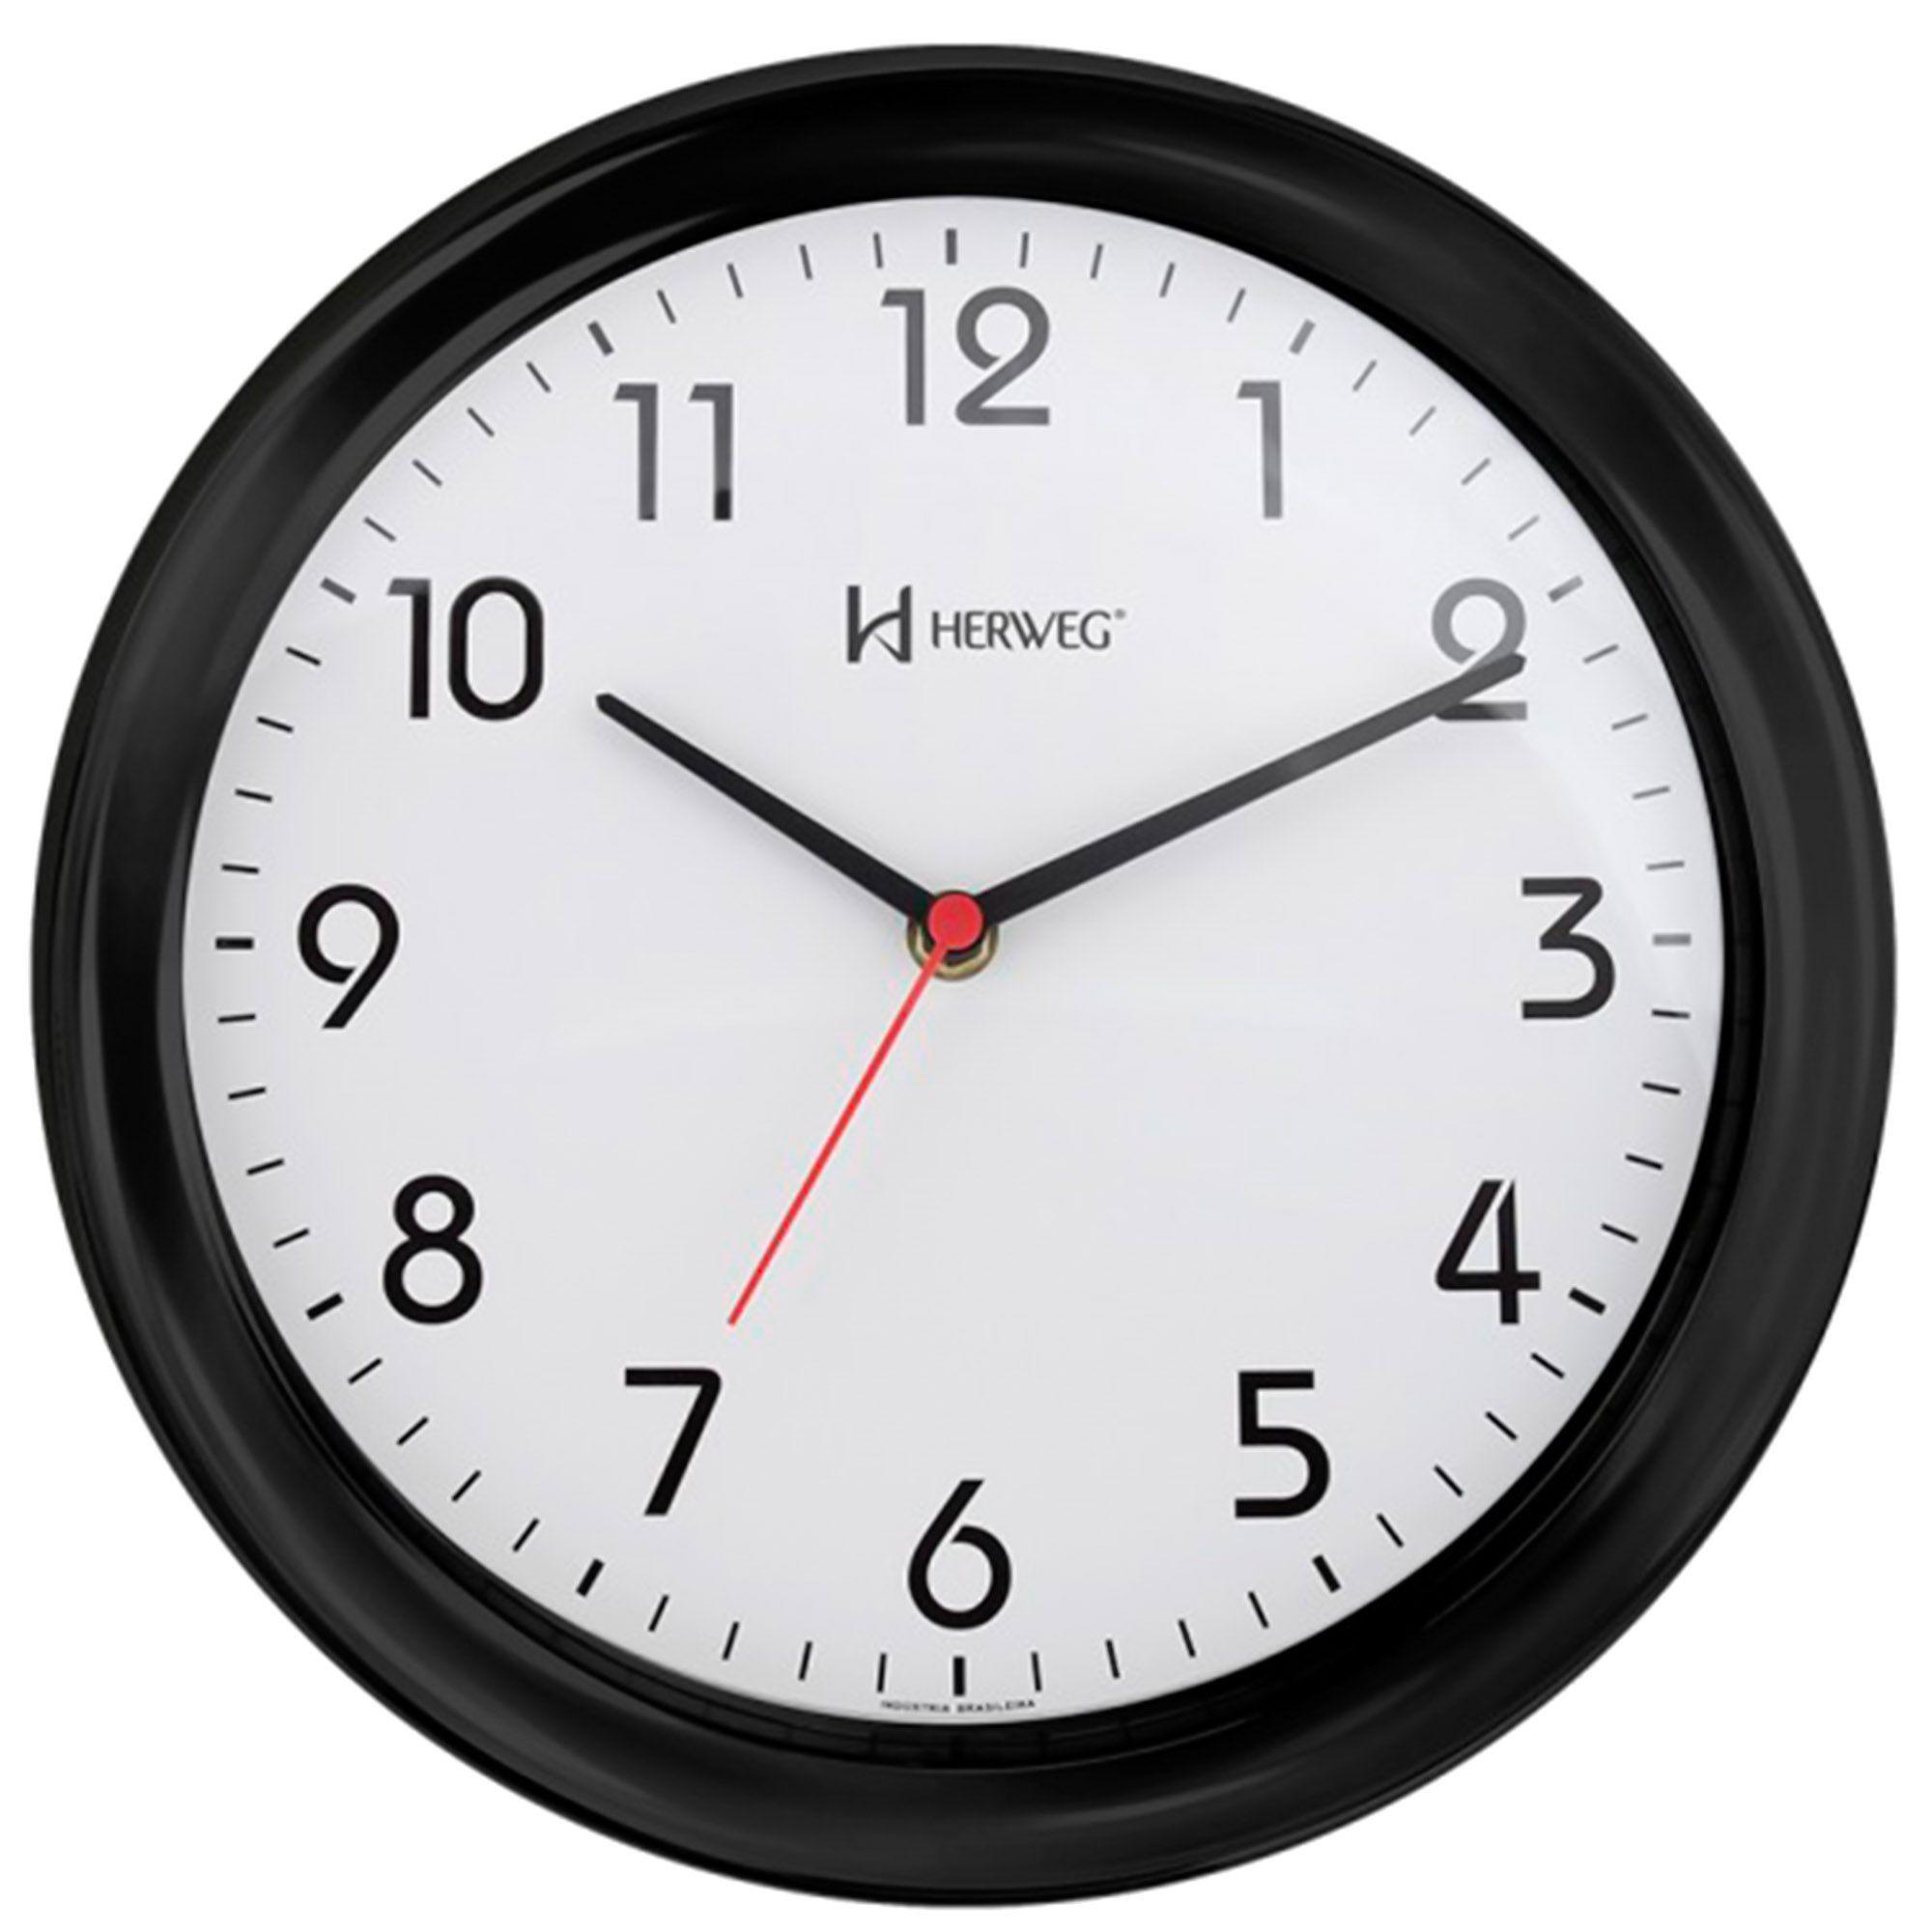 Relógio de Parede Analógico Herweg 6634 035 Preto Brilhante